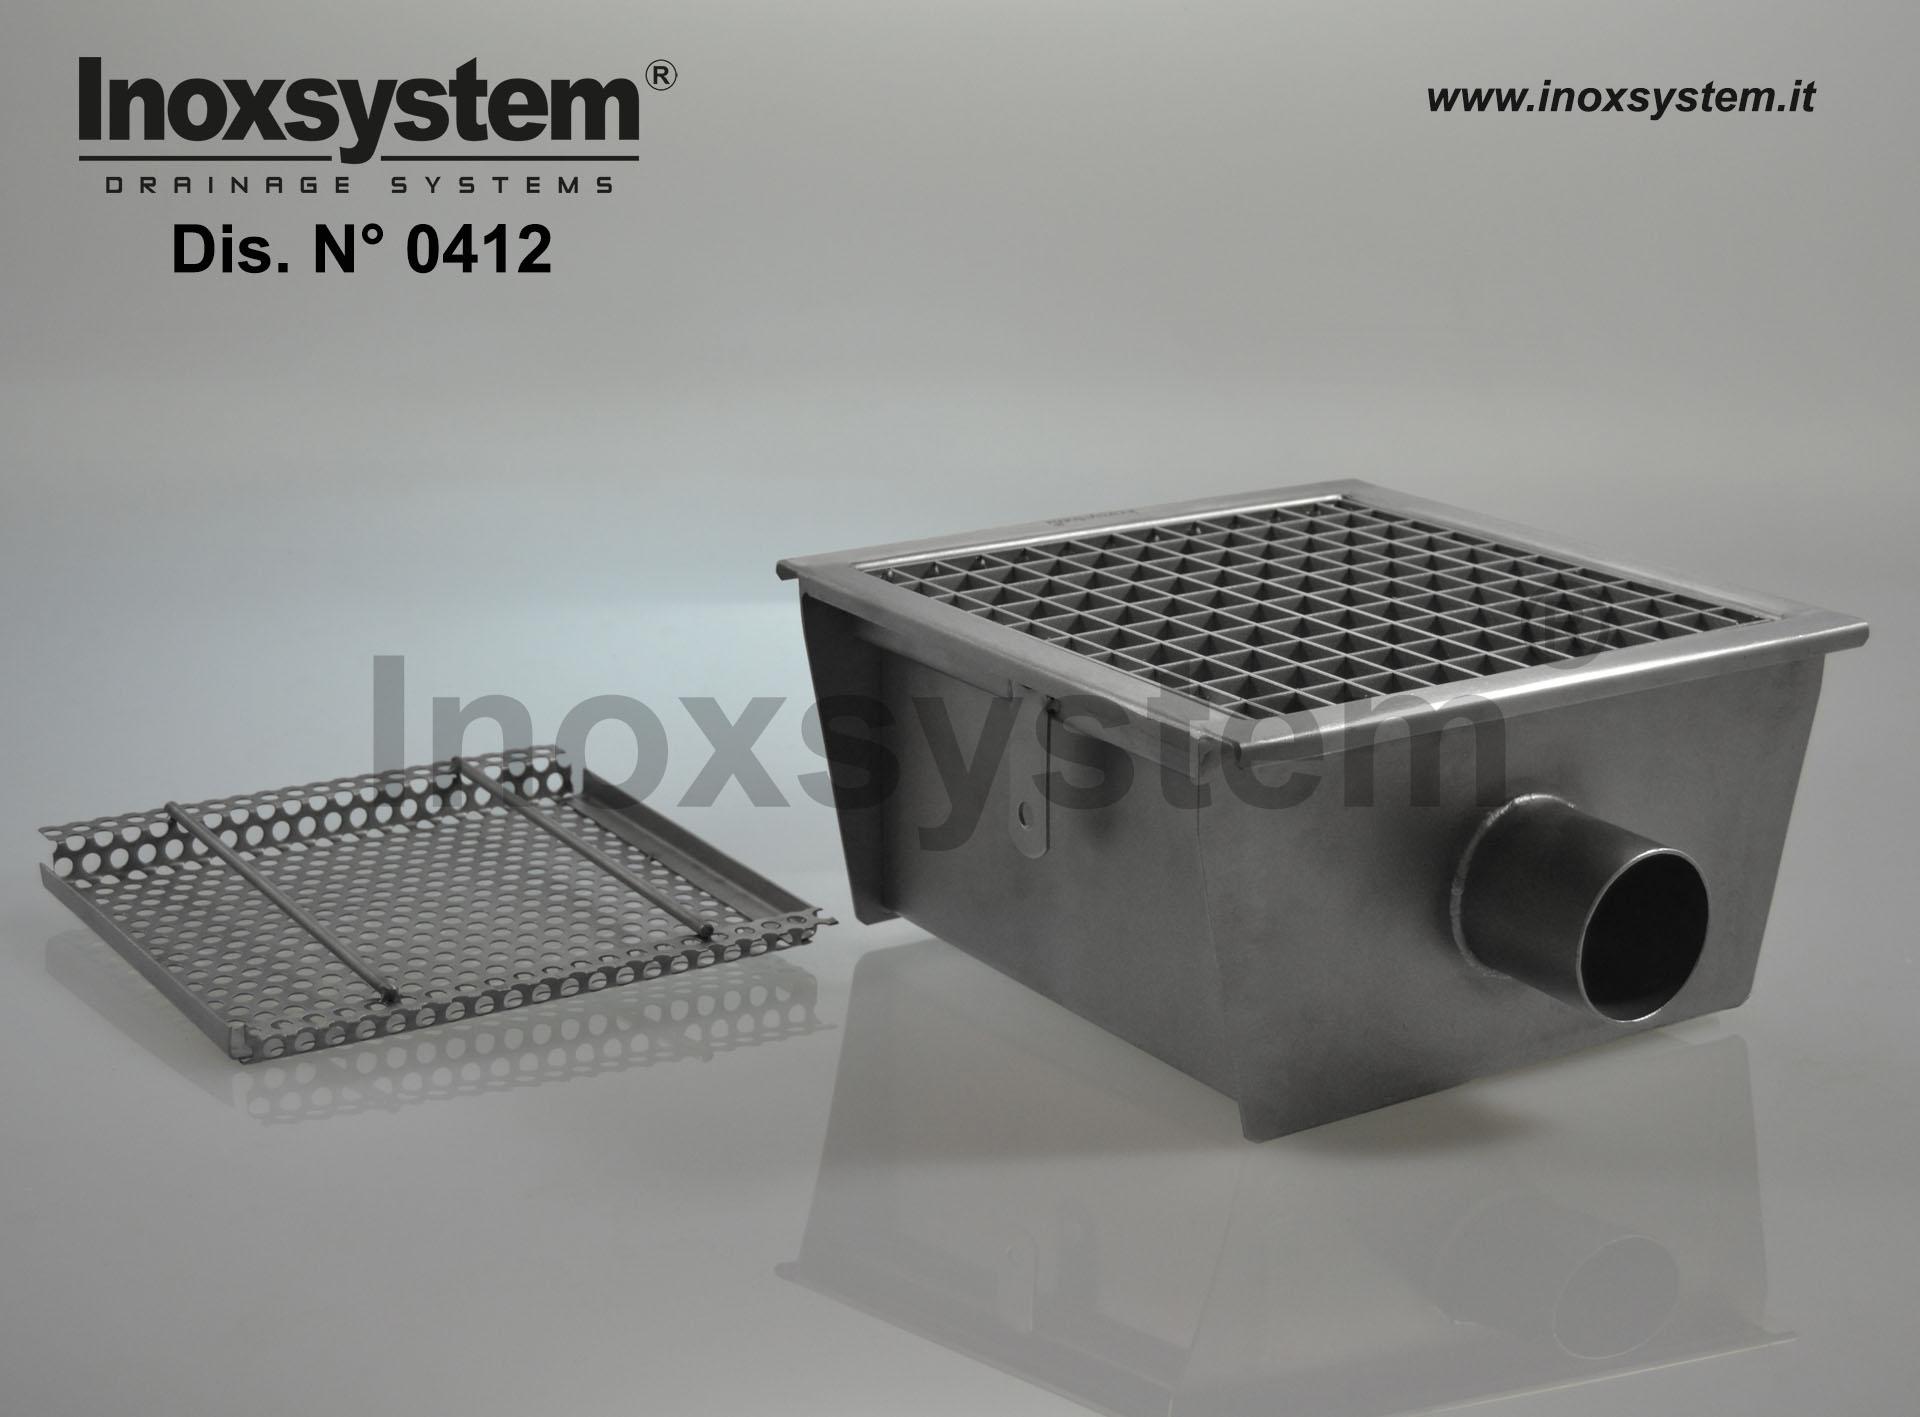 Sumidero en acero inoxidable con rejilla salida horizontal Ø mm 63 sifonado con filtro extraíble